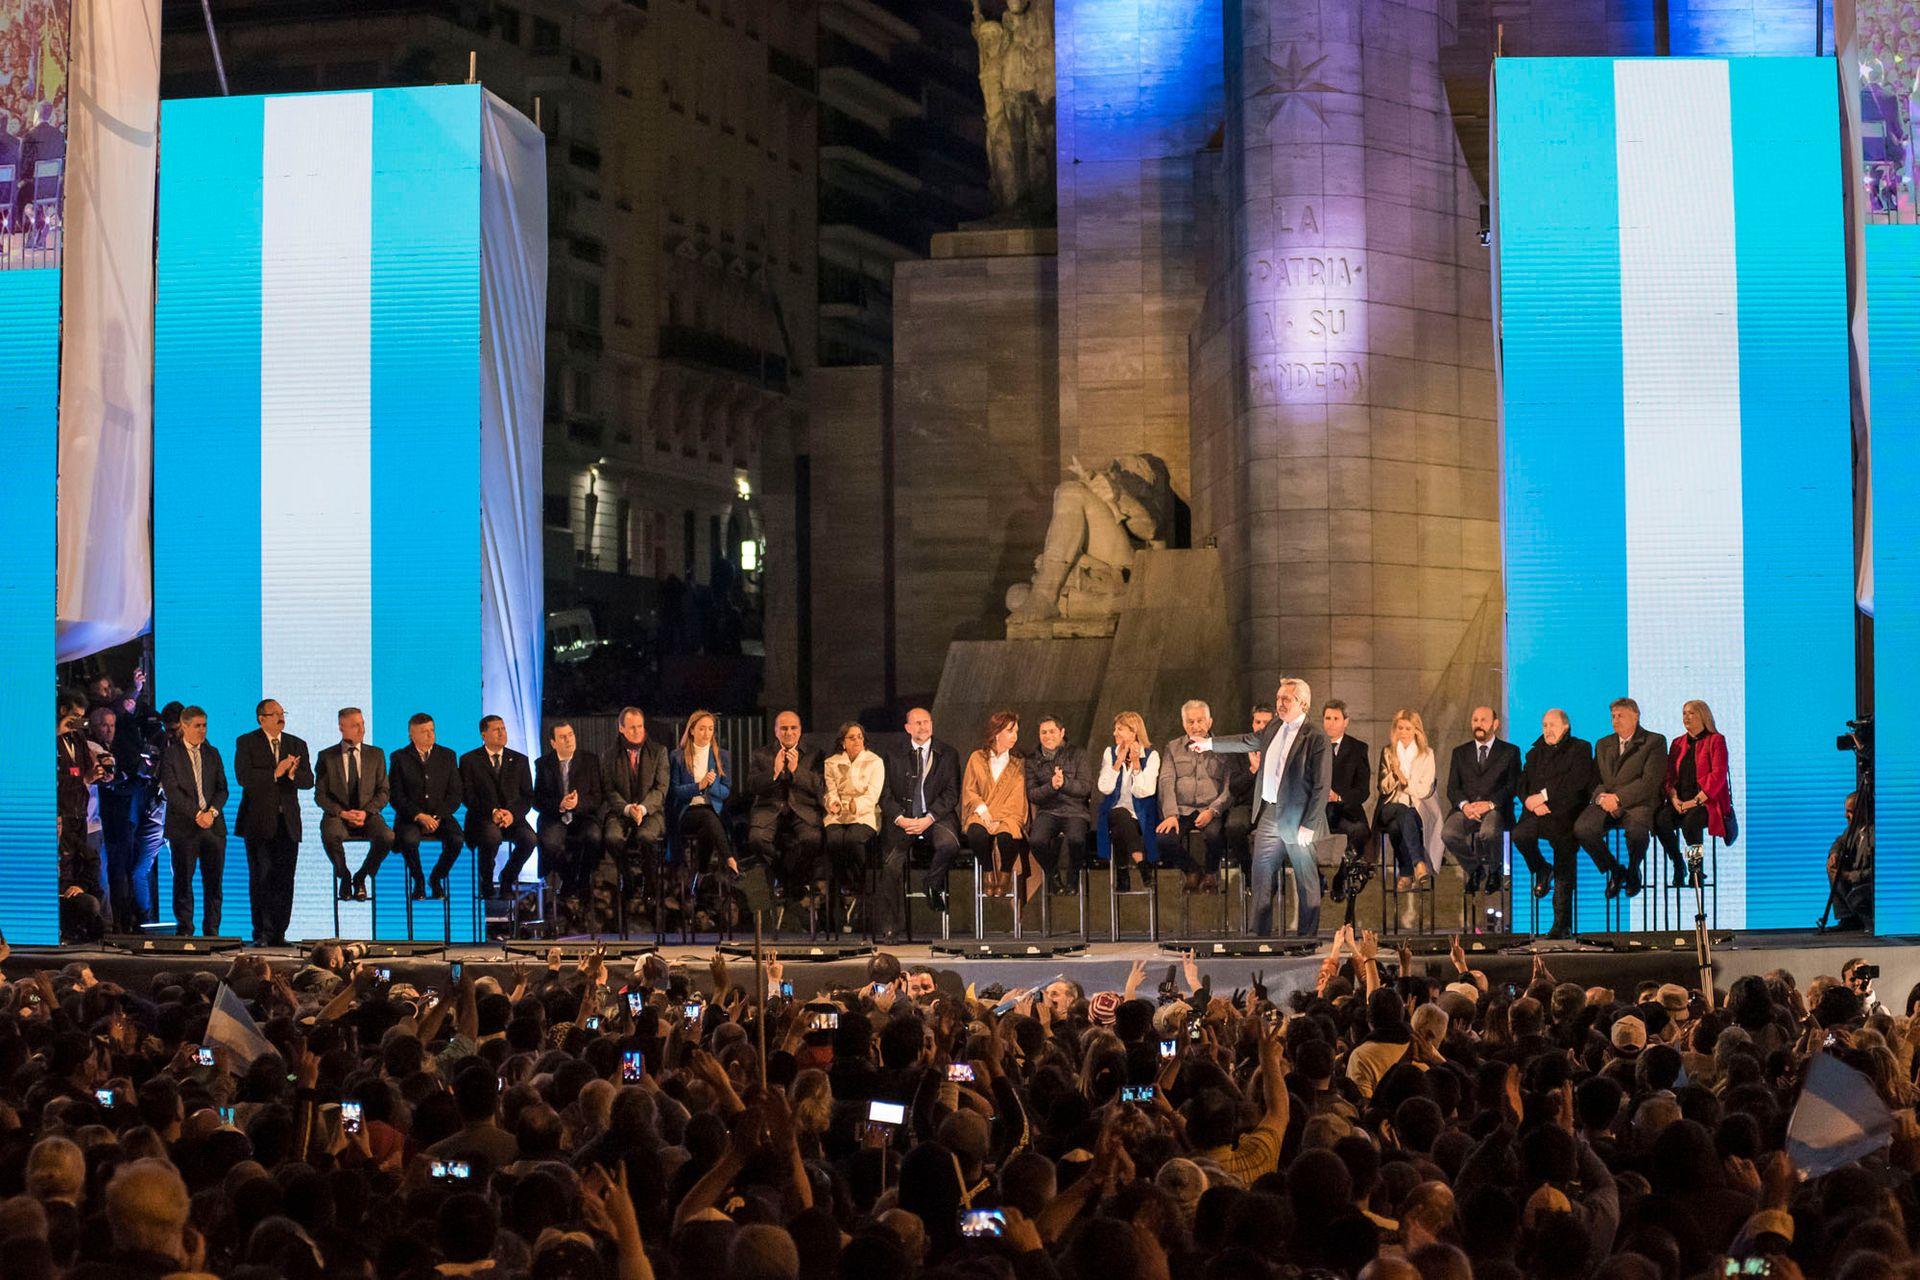 En el acto realizado en el Monumento a la Bandera en Rosario, junto a Cristina Fernández de Kirchner, el 7 de agosto de 2019